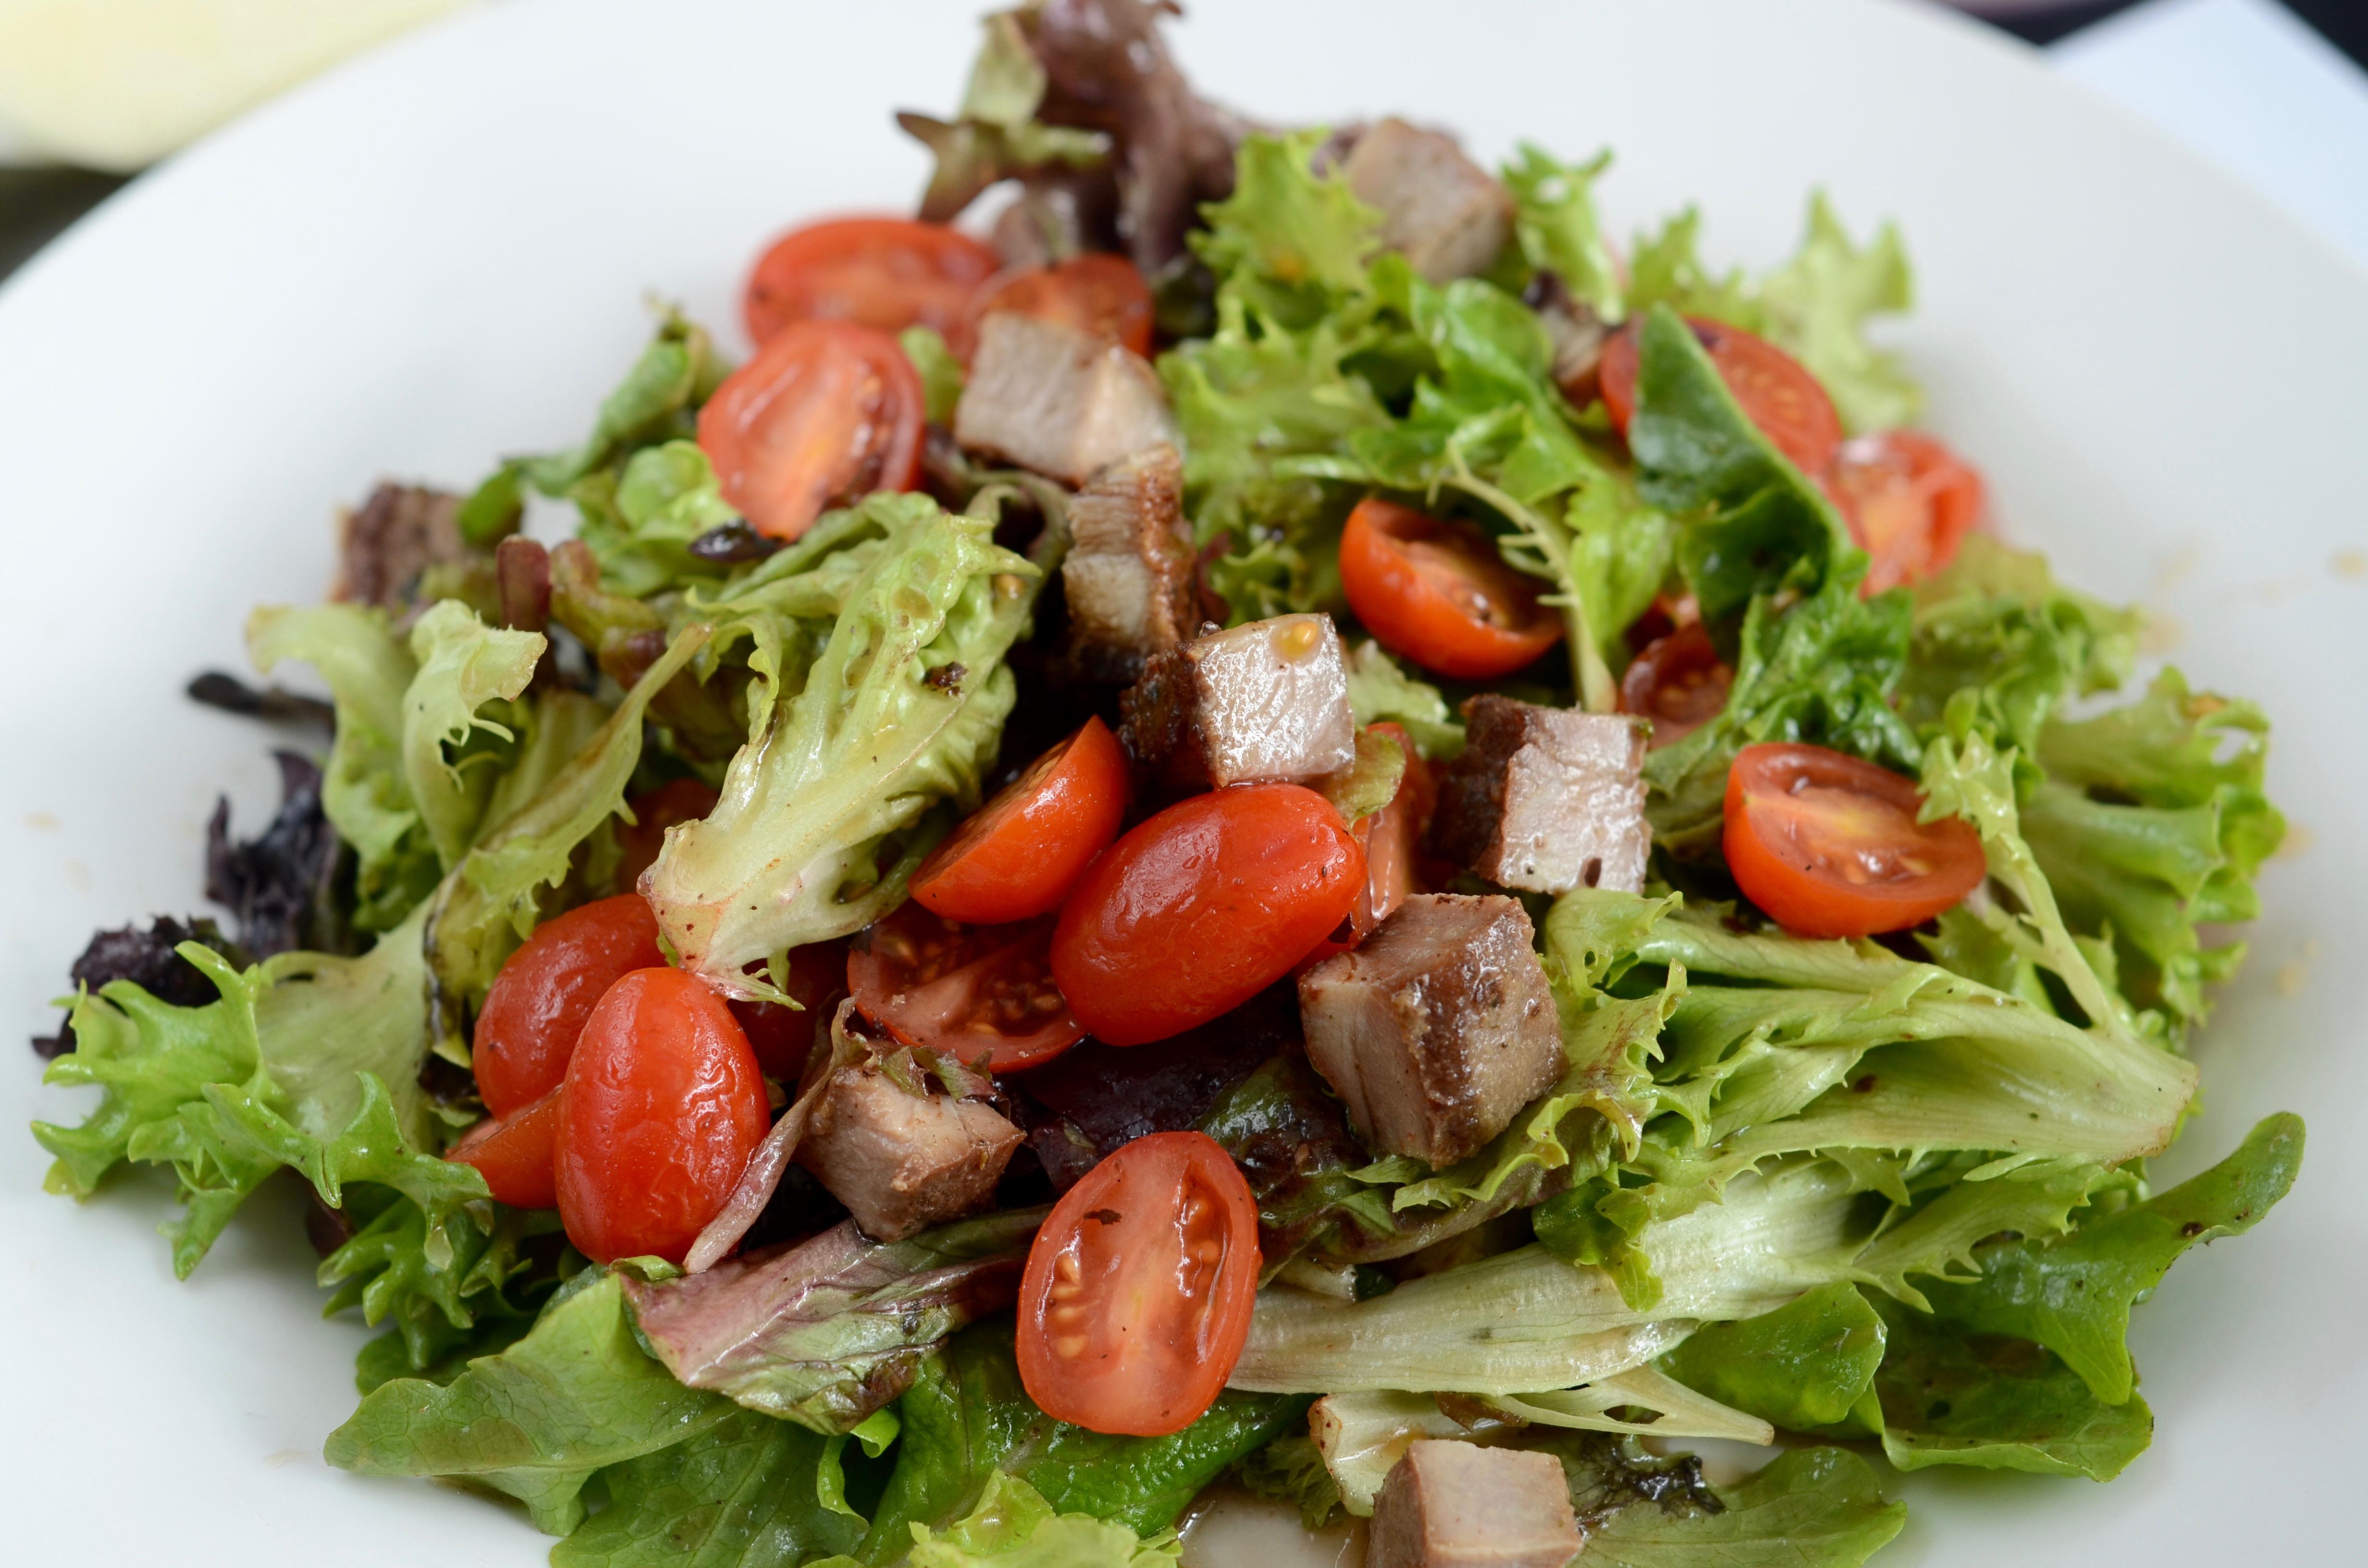 เลือกอาหารช่วยให้อิ่มนานช่วยไดเอทได้ดีกว่าการปล่อยให้ท้องหิว